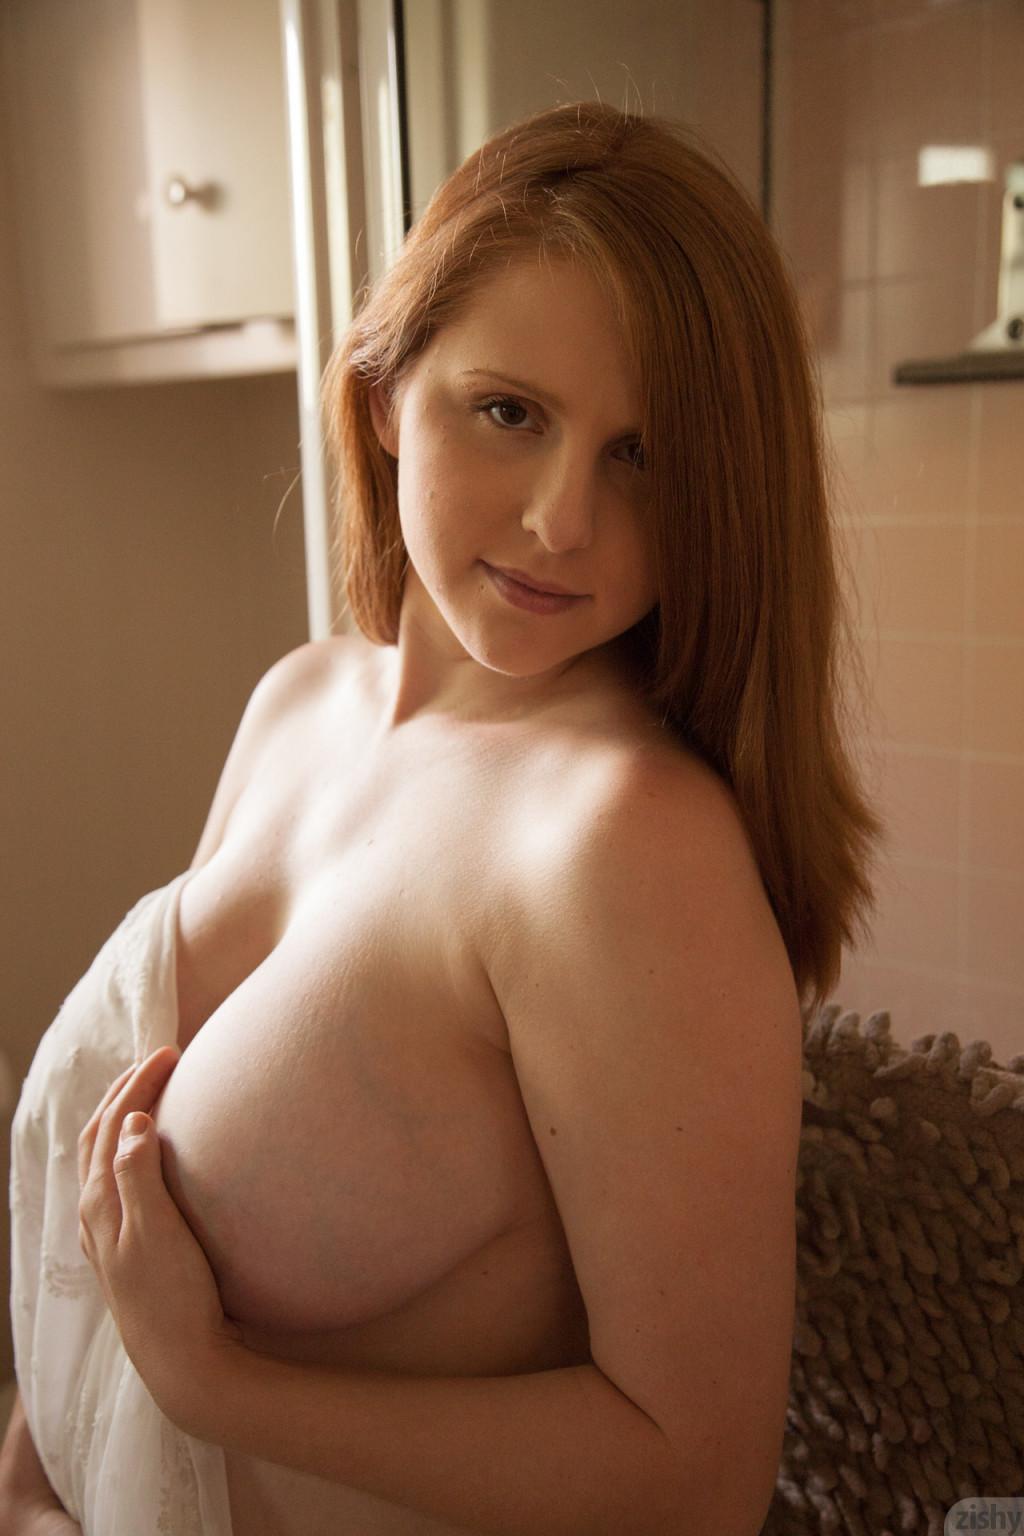 Рыжая беременная девушка приоткрывает ночную рубашку